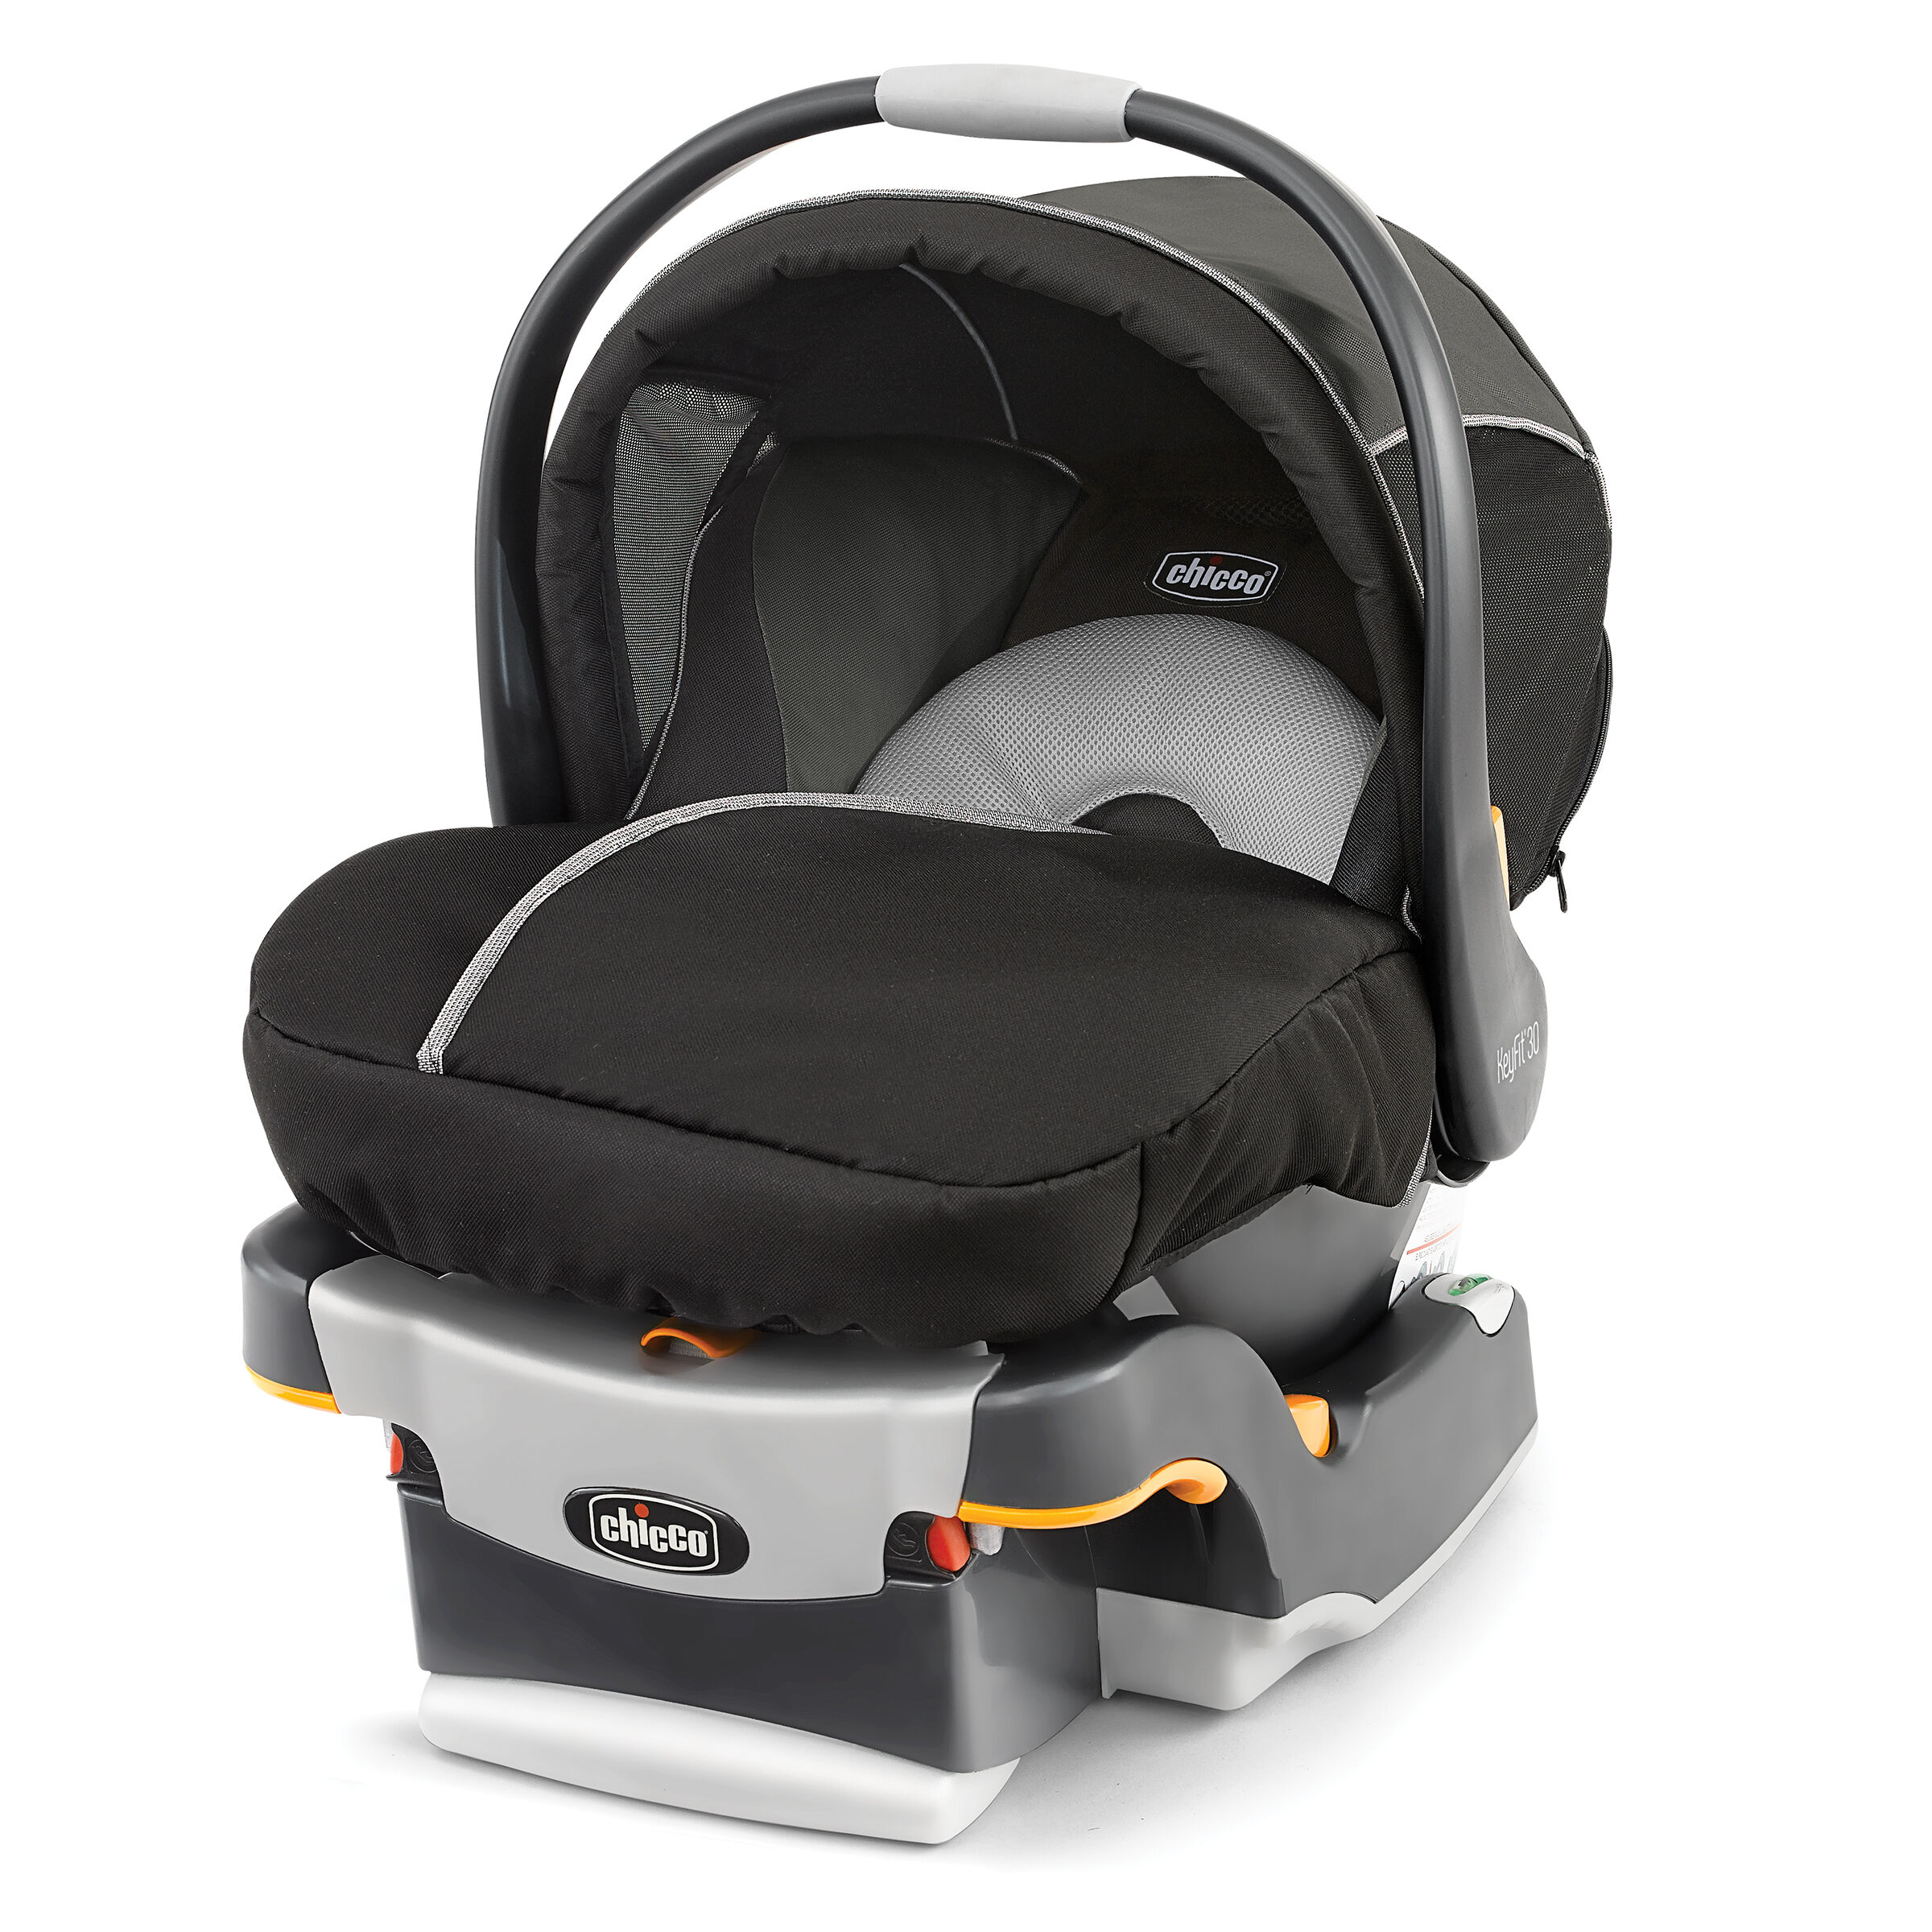 keyfit magic infant car seat coal chicco rh chiccousa com Chicco KeyFit 30 Chicco KeyFit 30